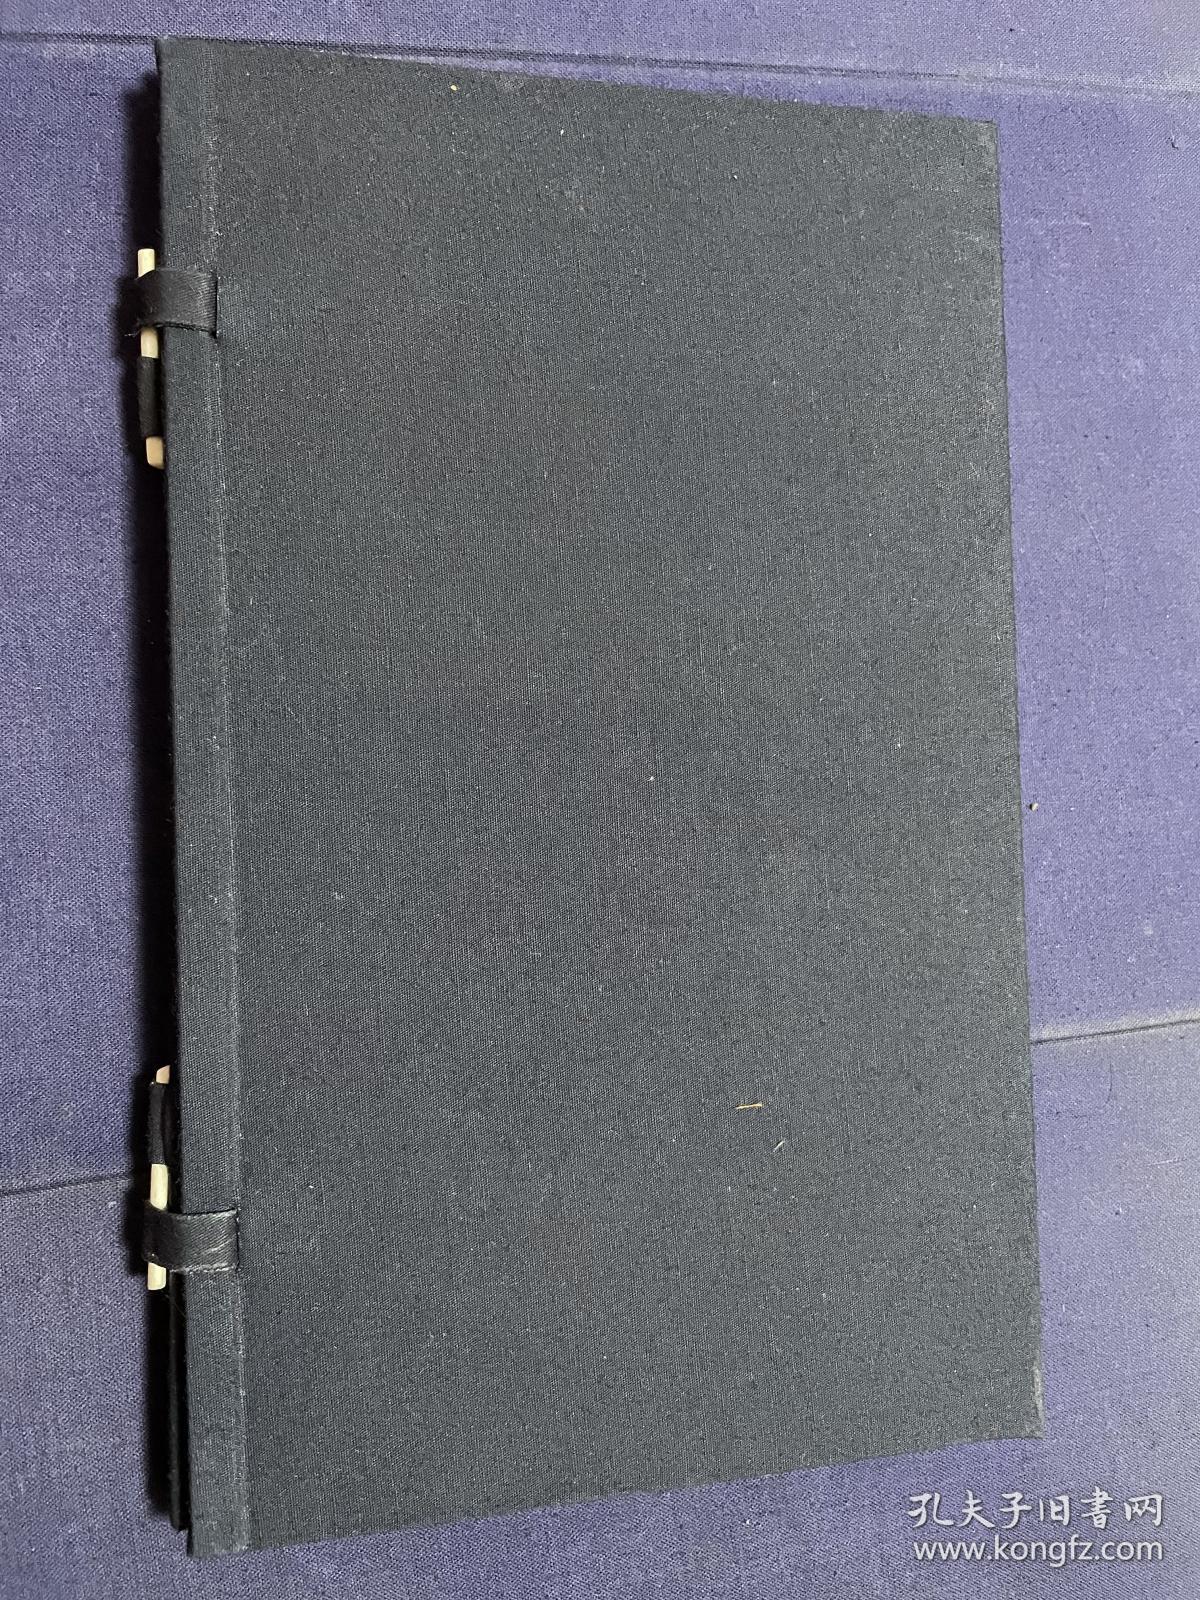 状元阁李光明庄刻本 司空图《二十四诗品注释》,红印牌记。此书是旧时二十四诗品最为流行的读本,刻本甚多,而以此李光明庄本为最佳。